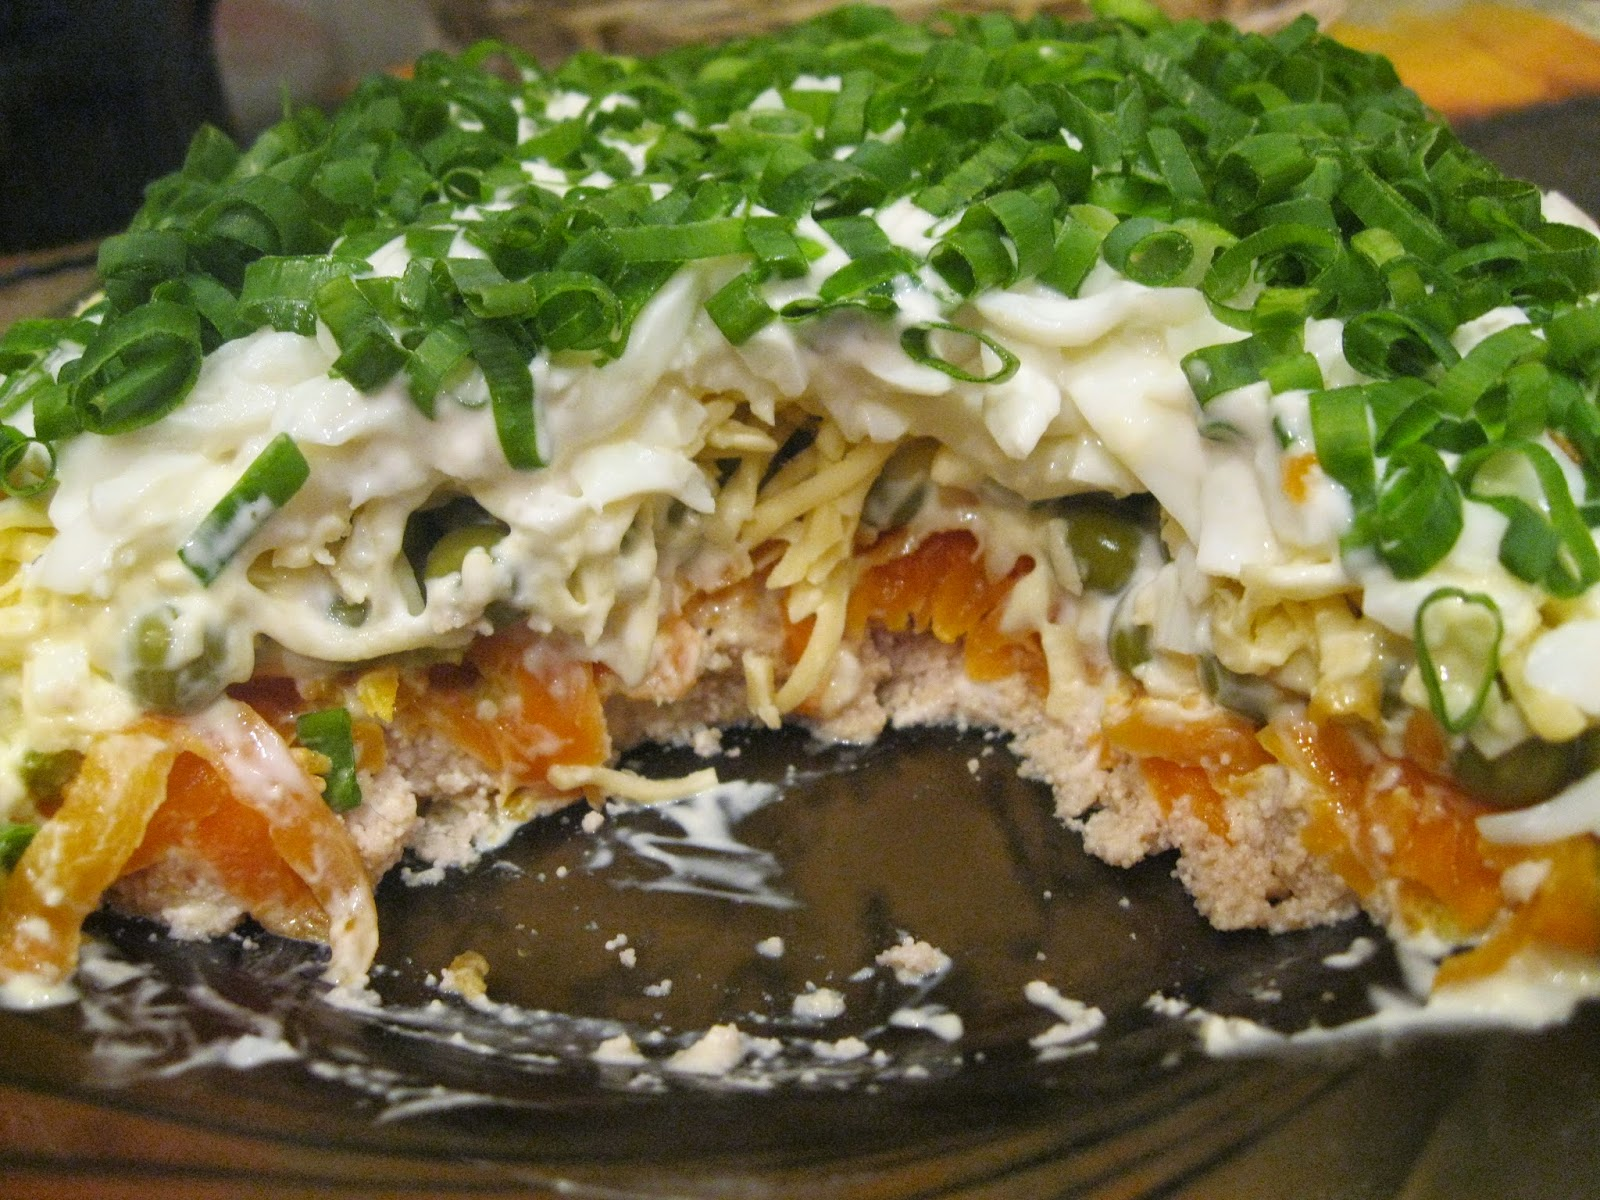 Рецепт салата с печенью трески пошагово